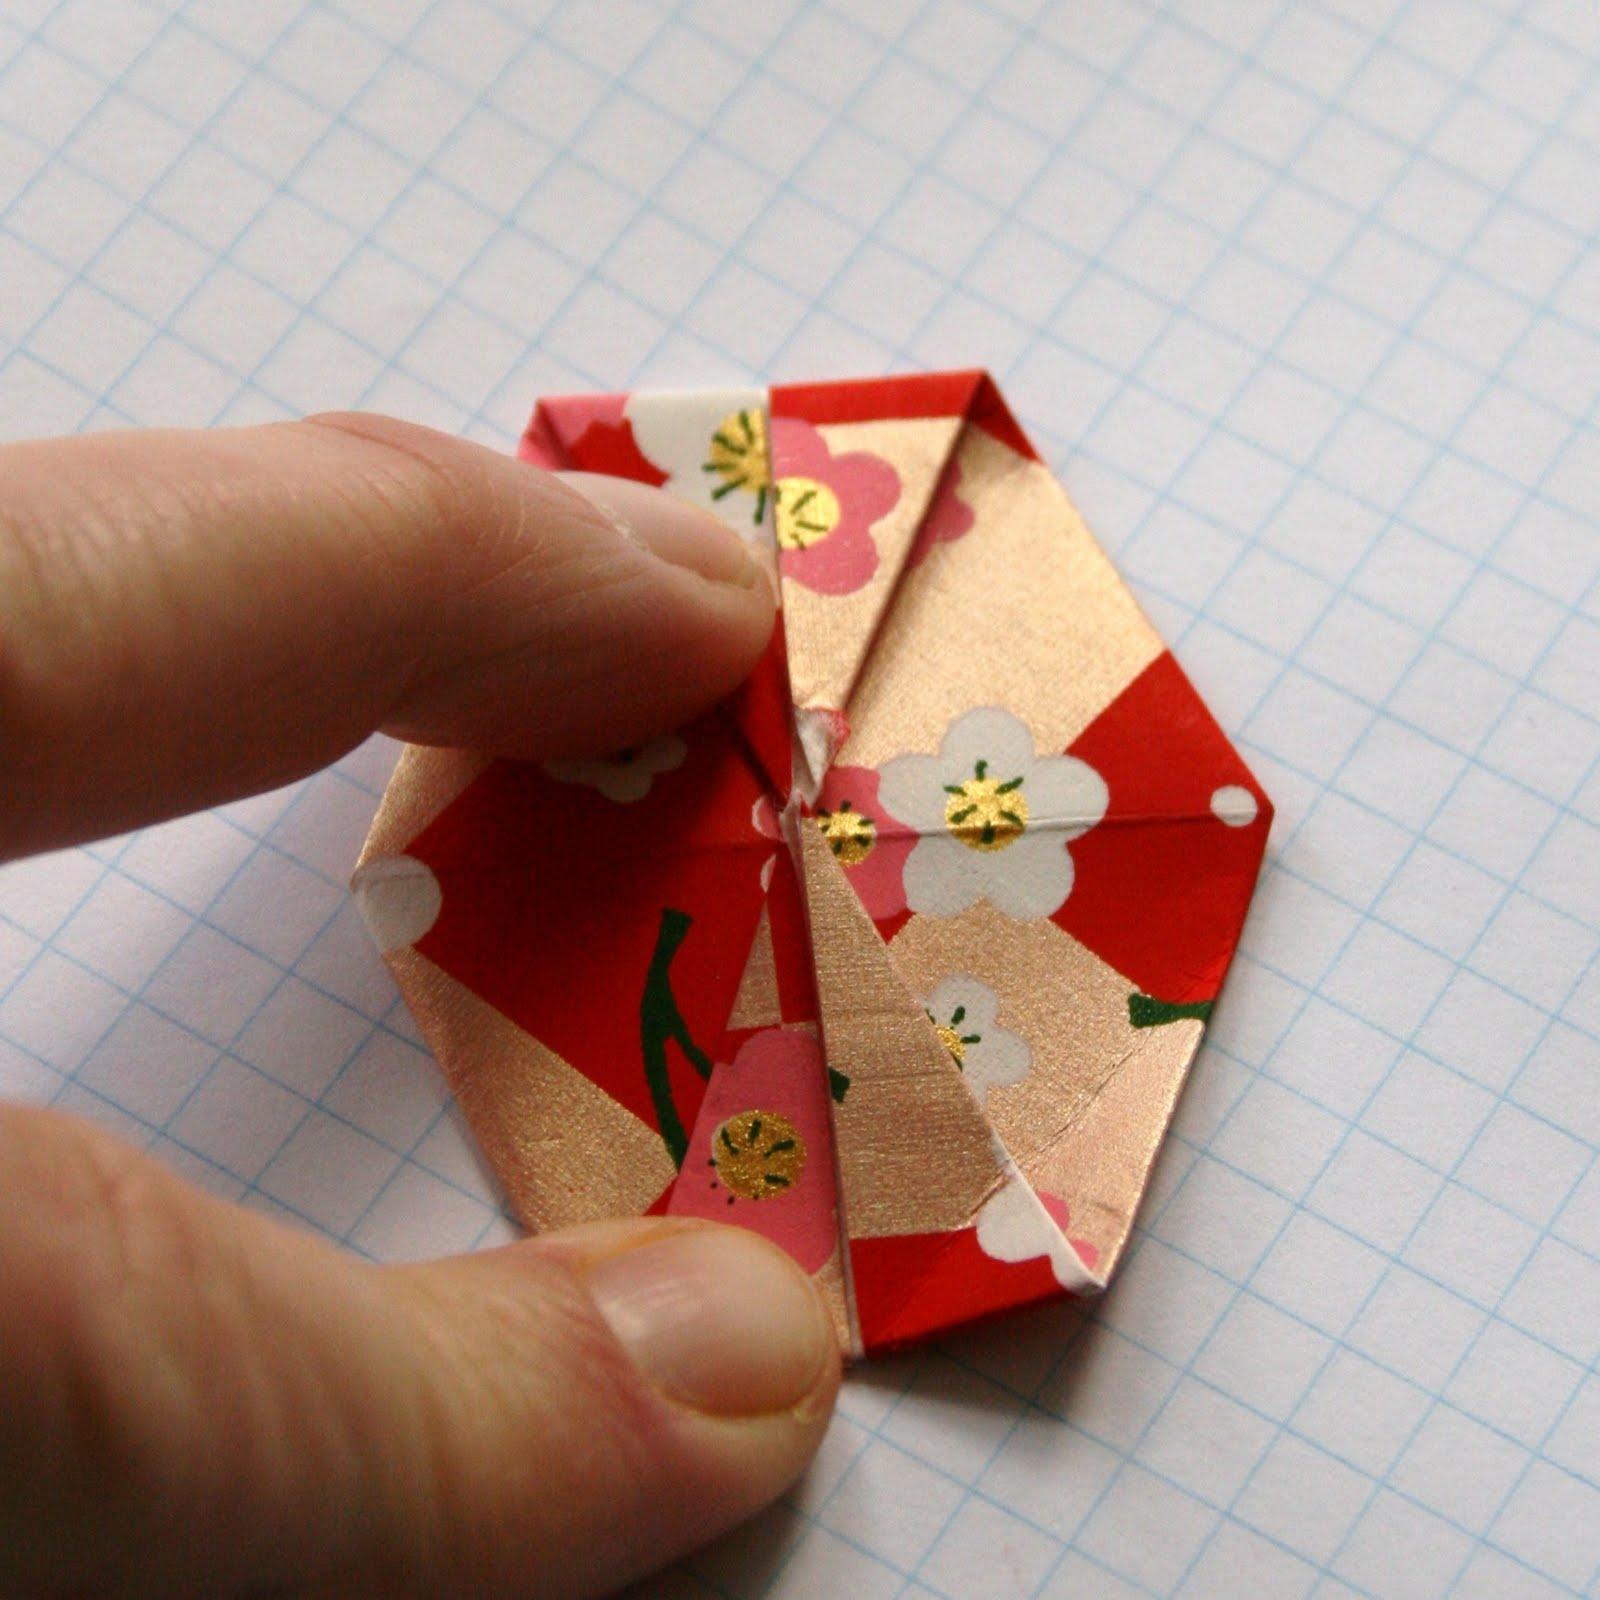 vervlogendagentutorials: Origami Valentine Garland Tutorial - photo#49